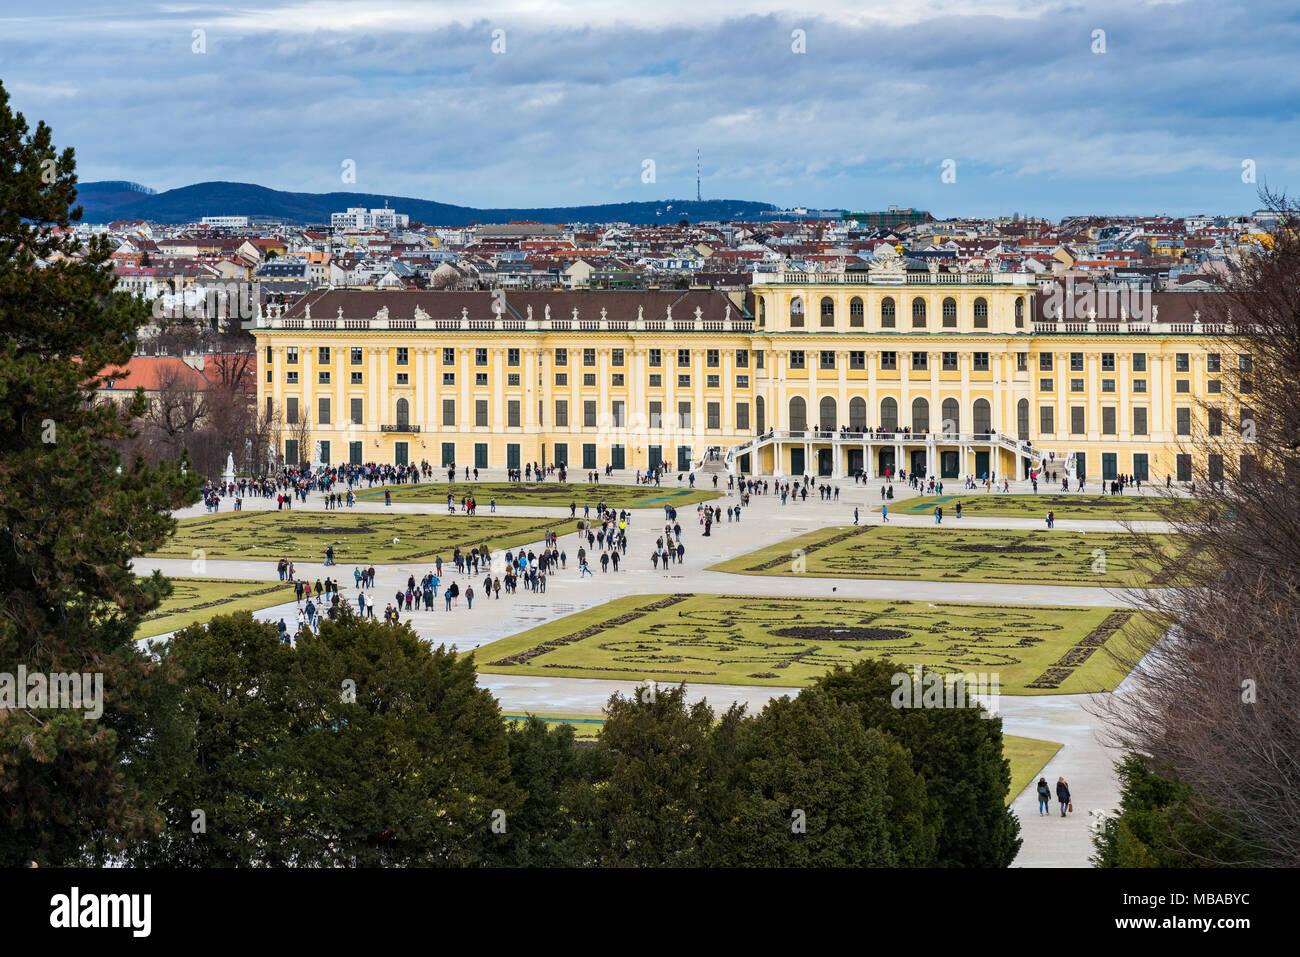 Le parc jardin dans Shonbrunn Palace (Wien) préparé pour l'hiver avec fleurs et manquant de grands groupes de touristes autour de la marche Photo Stock